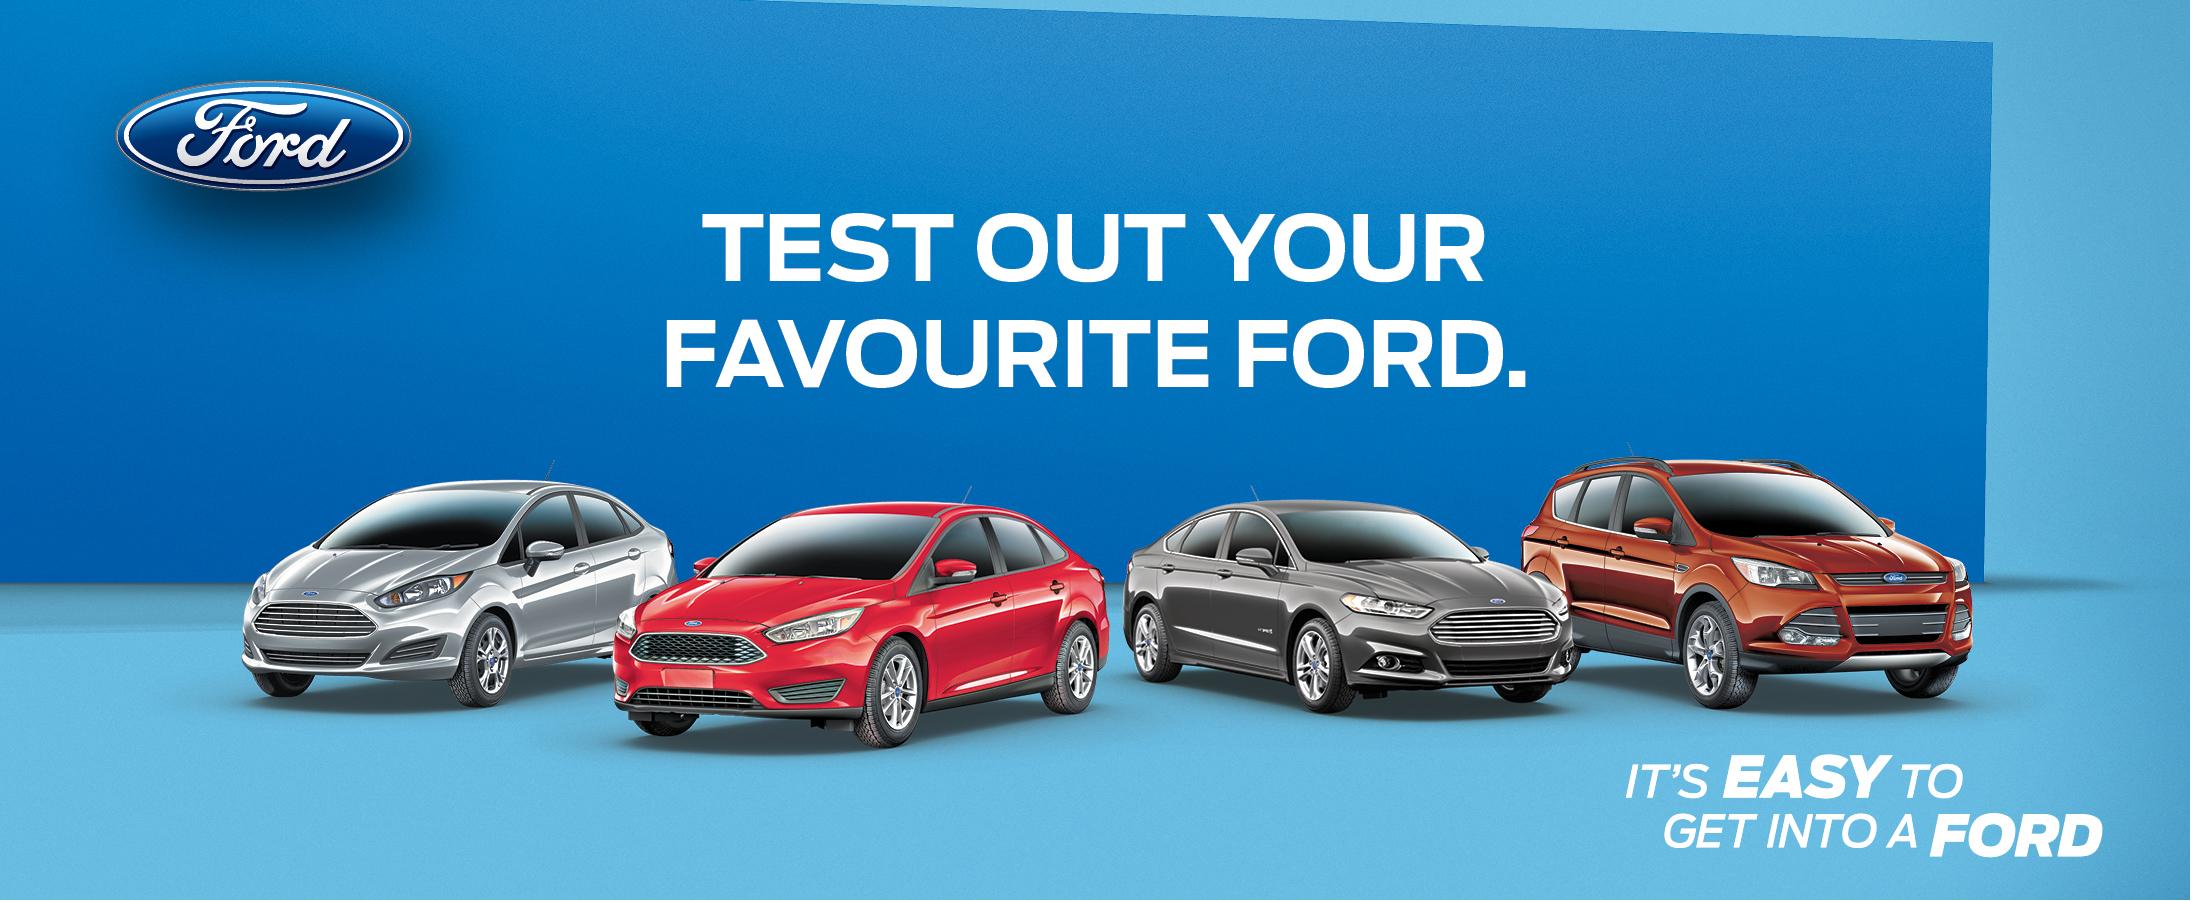 Ford Vehicle Showroom kiavengafo